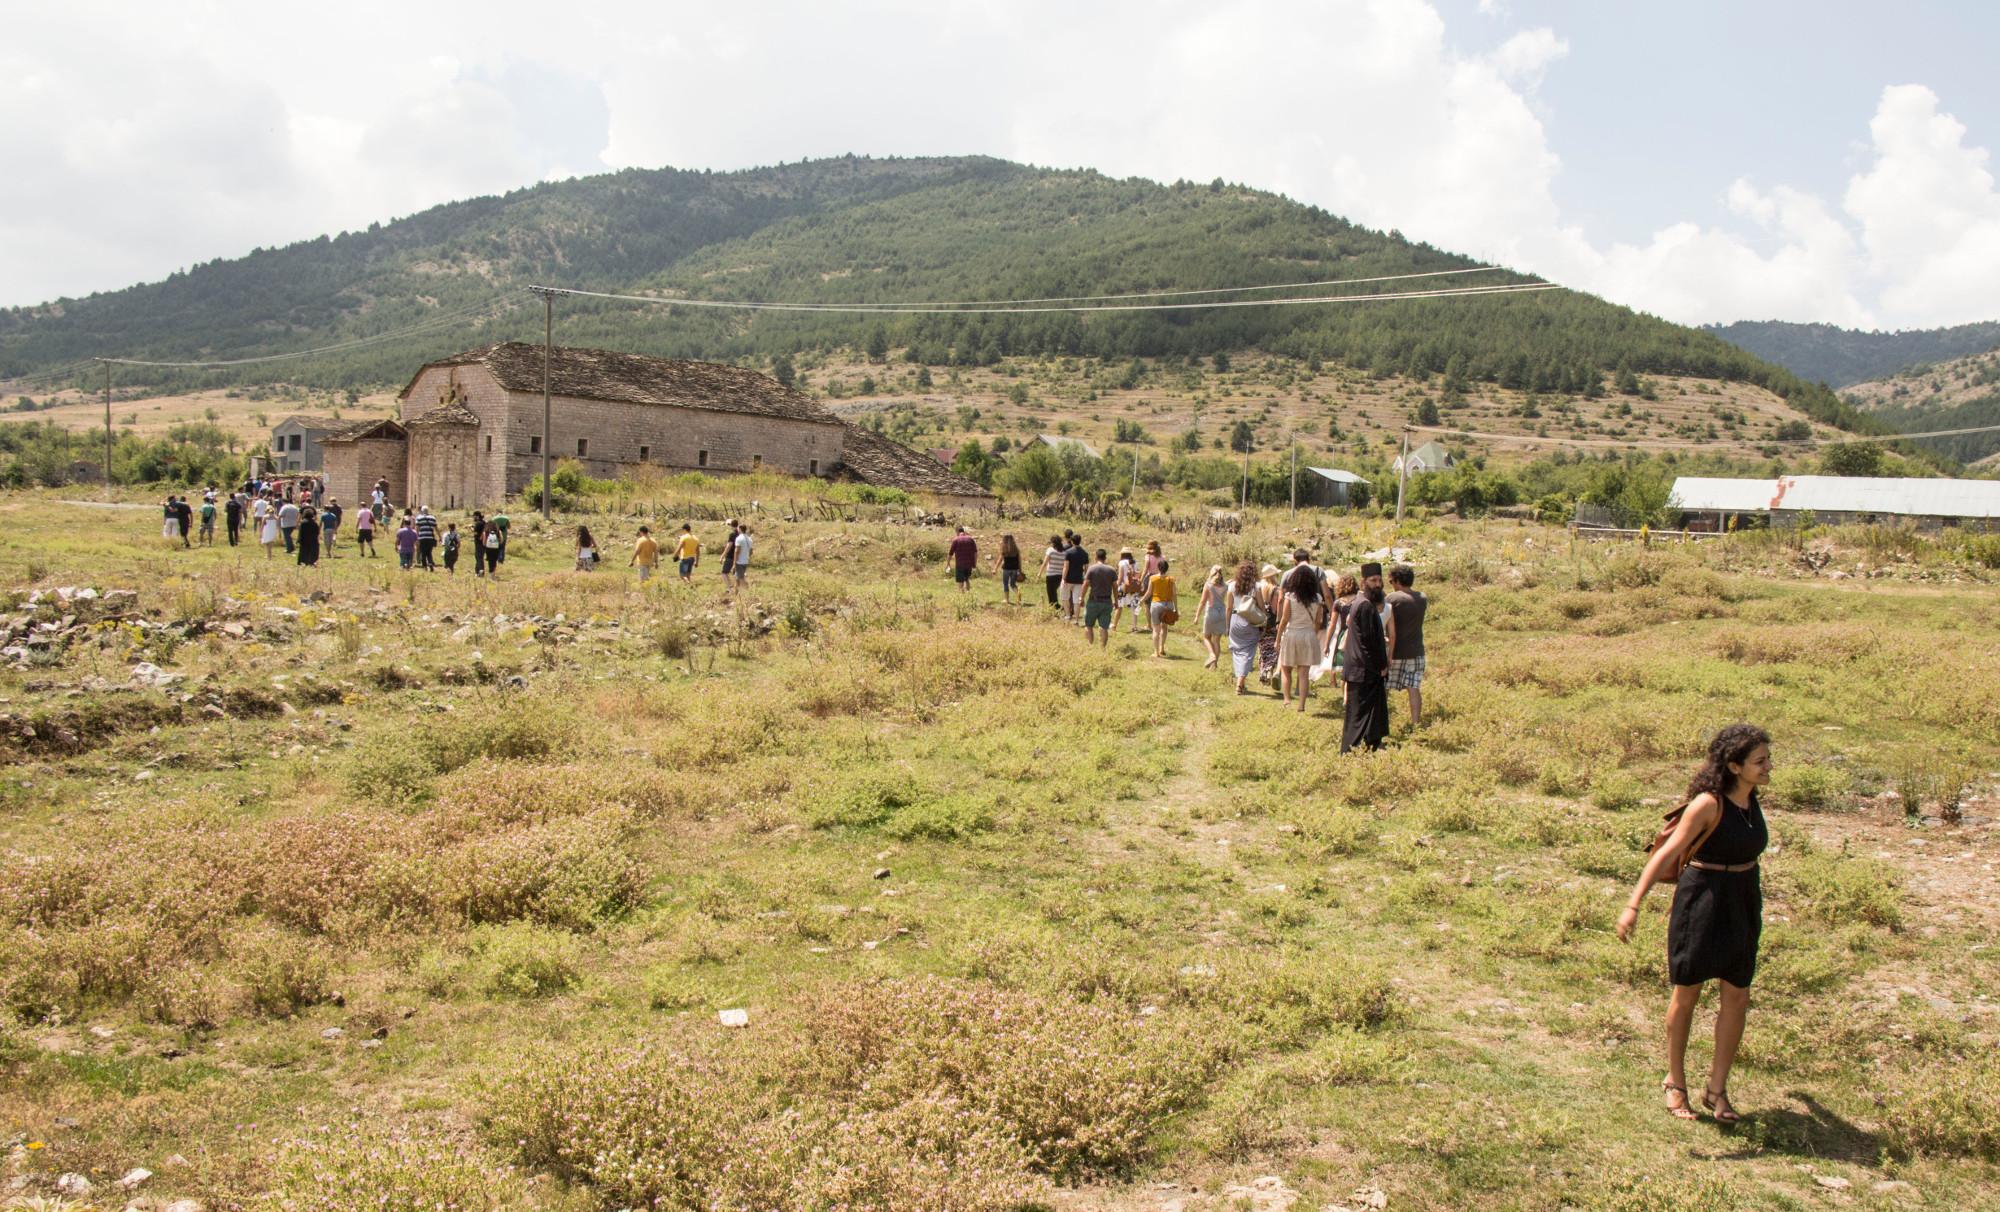 Ιερός Ναός Αρχαγγέλων Μιχαήλ και Γαβριήλ στη Μοσχόπολη